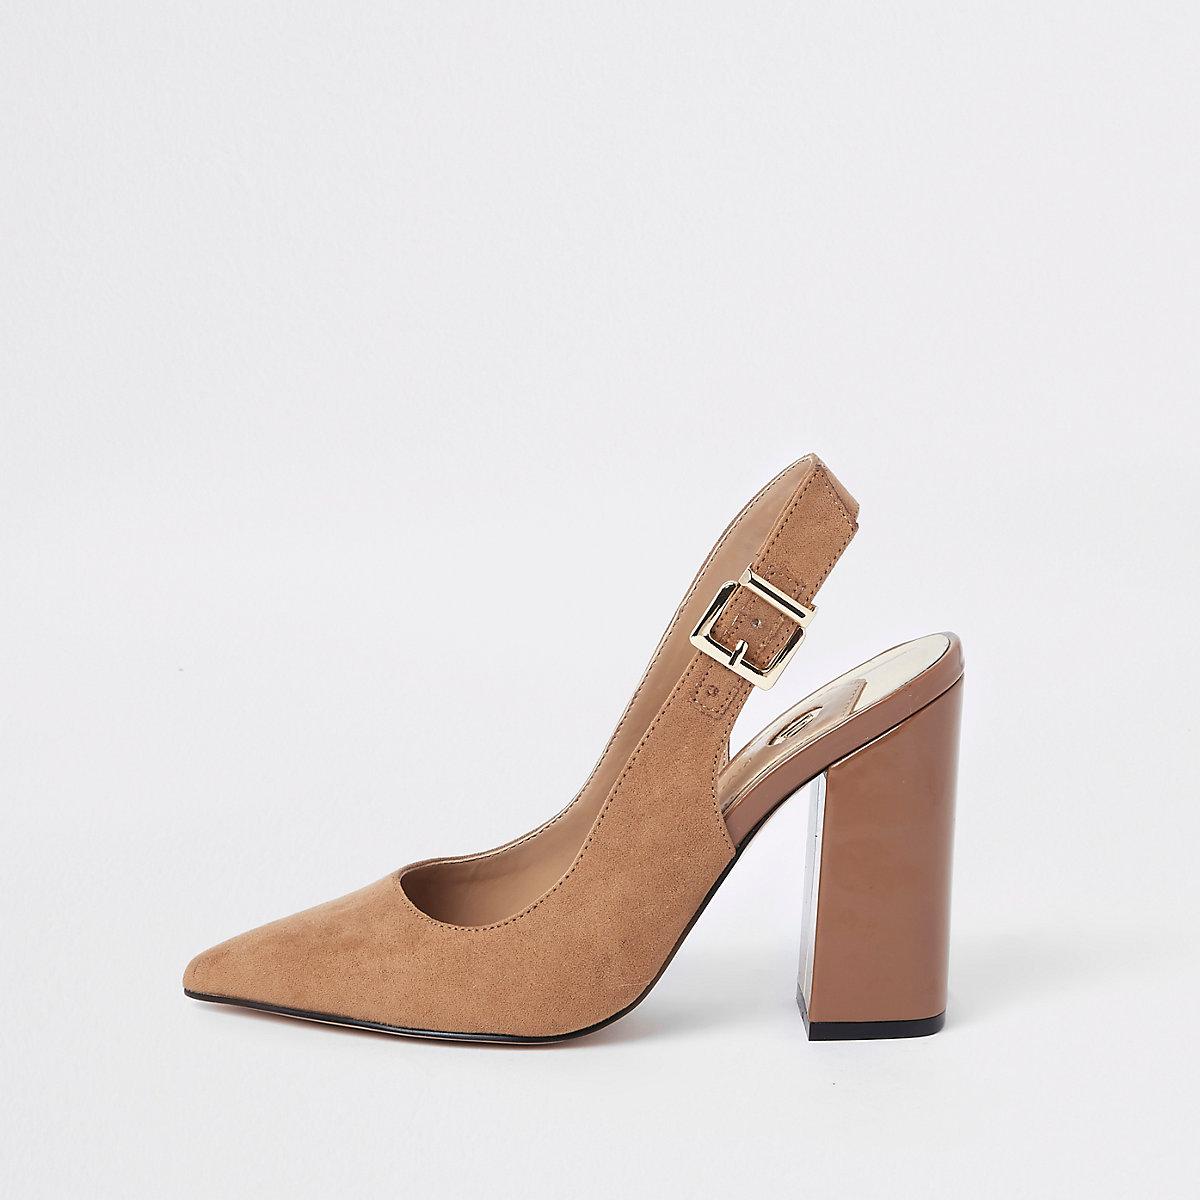 Dark brown block heel sling back pumps